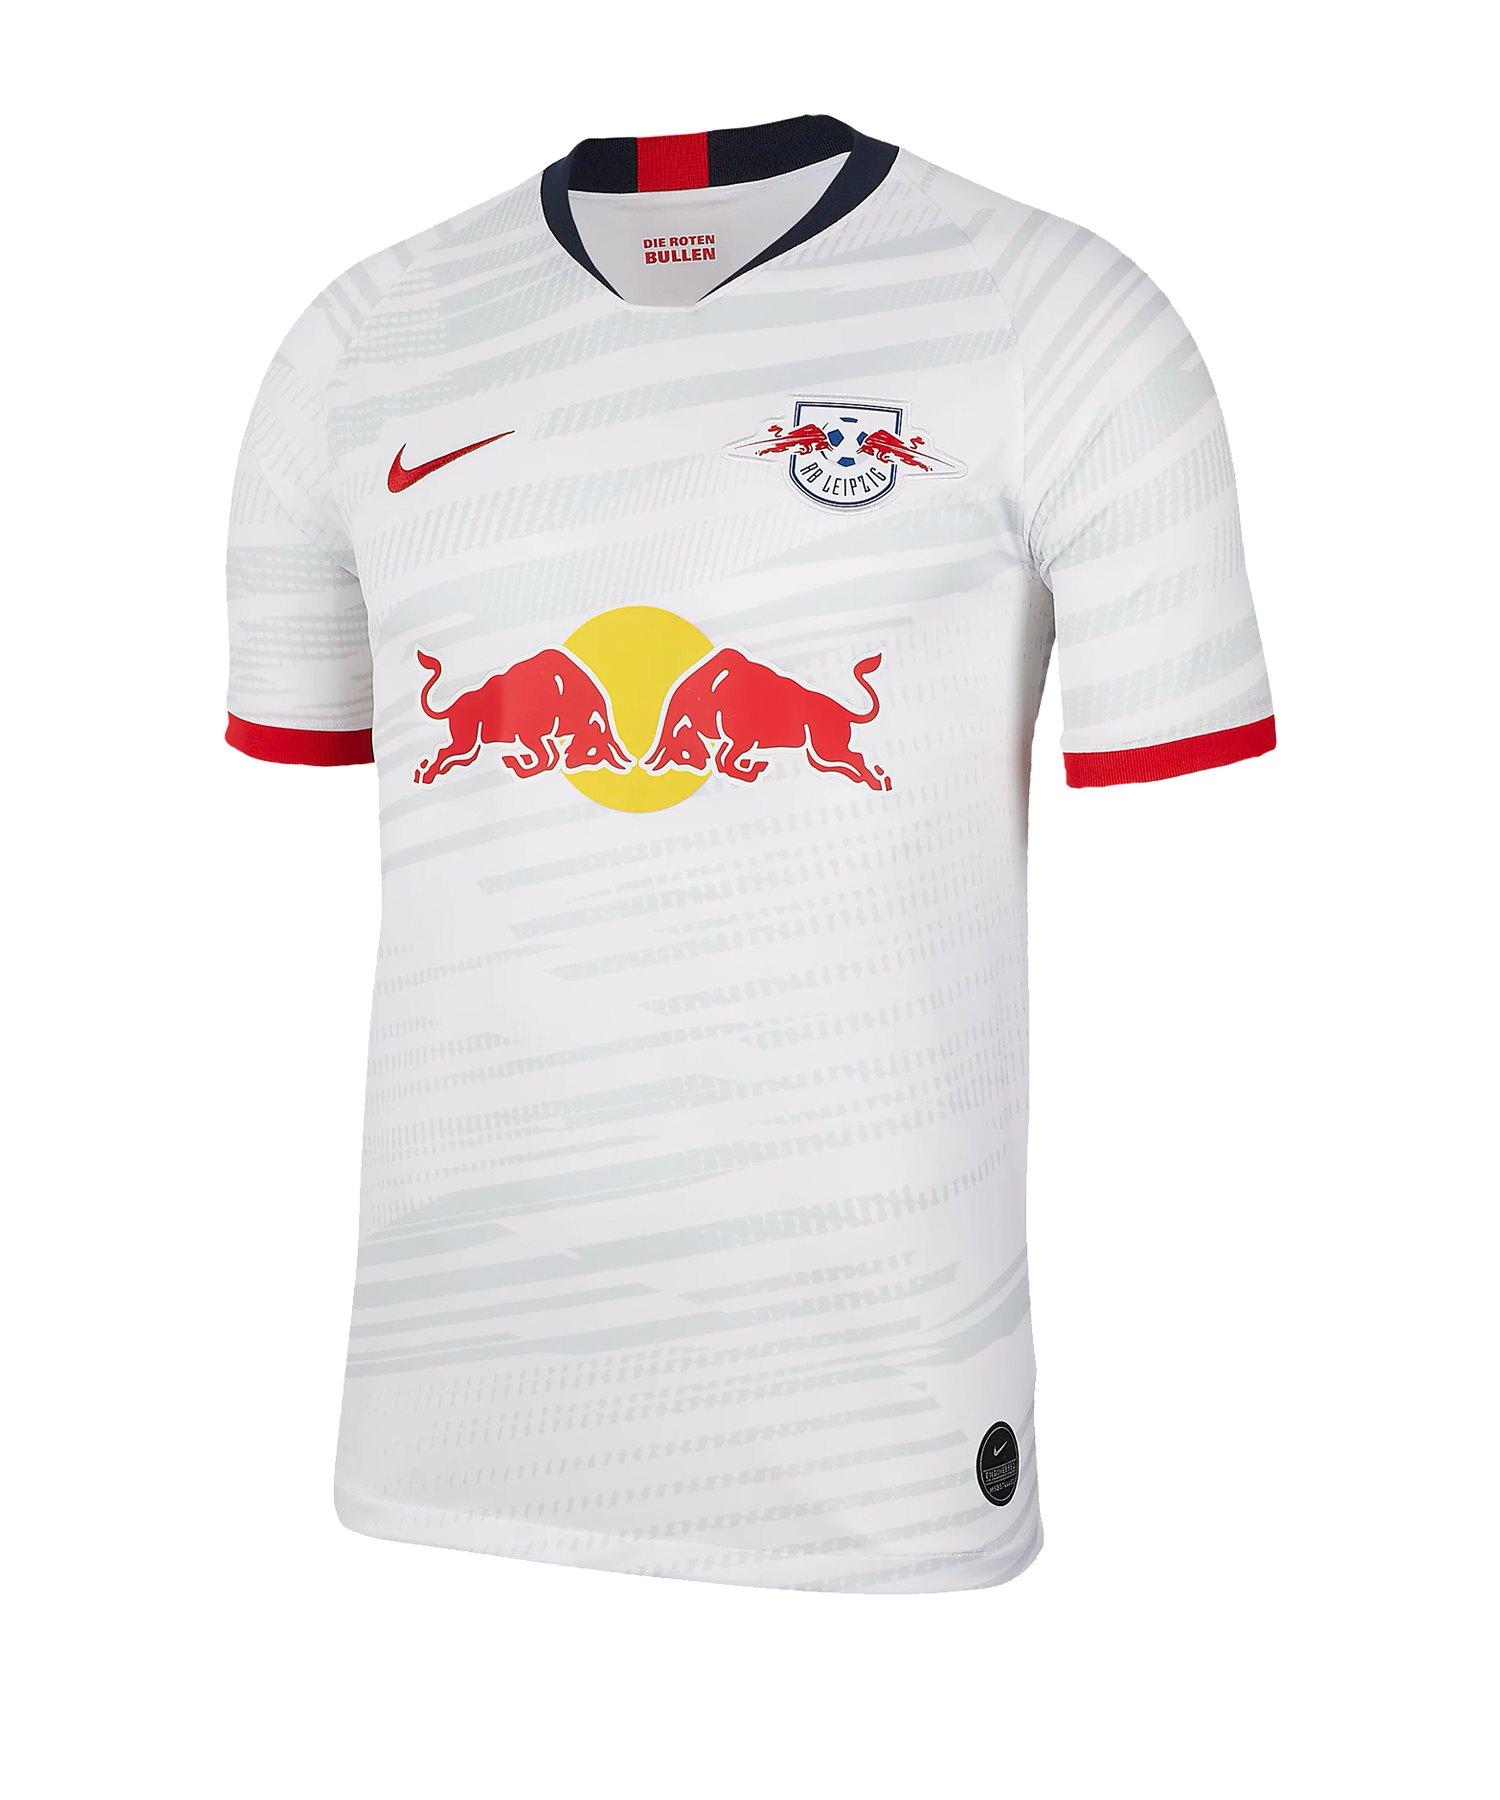 Nike RB Leipzig Trikot Home 2019/2020 Kids F101 - weiss